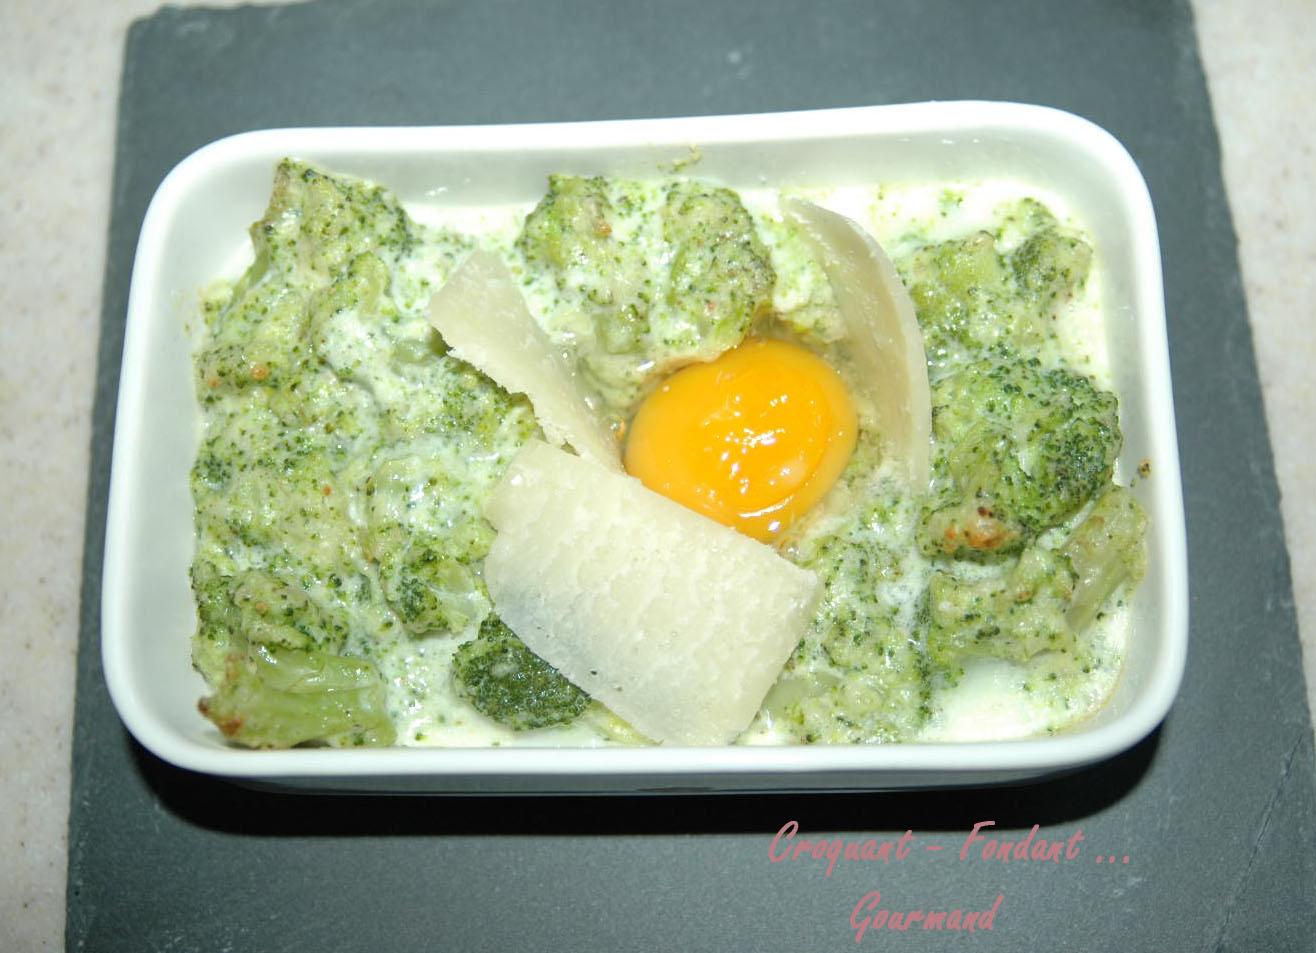 œufs cocotte au brocolis et parmesan - DSC_2409_10570